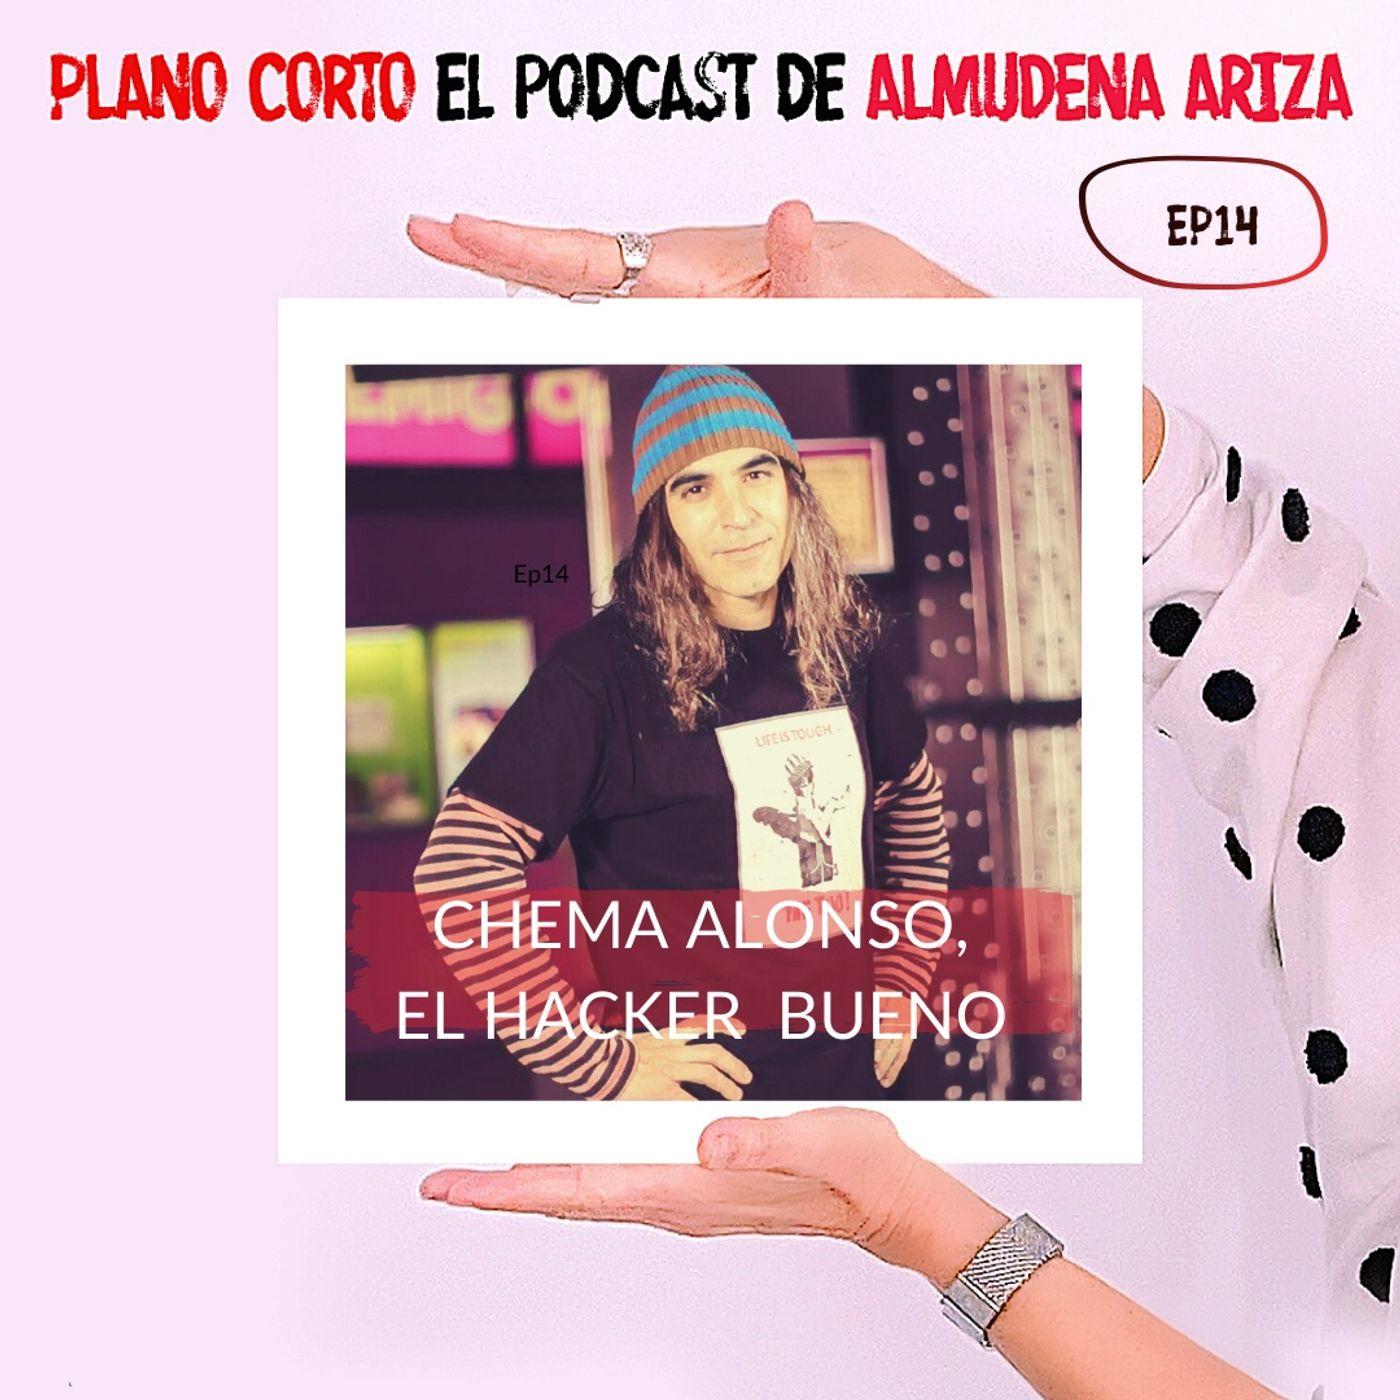 Chema Alonso, el hacker bueno